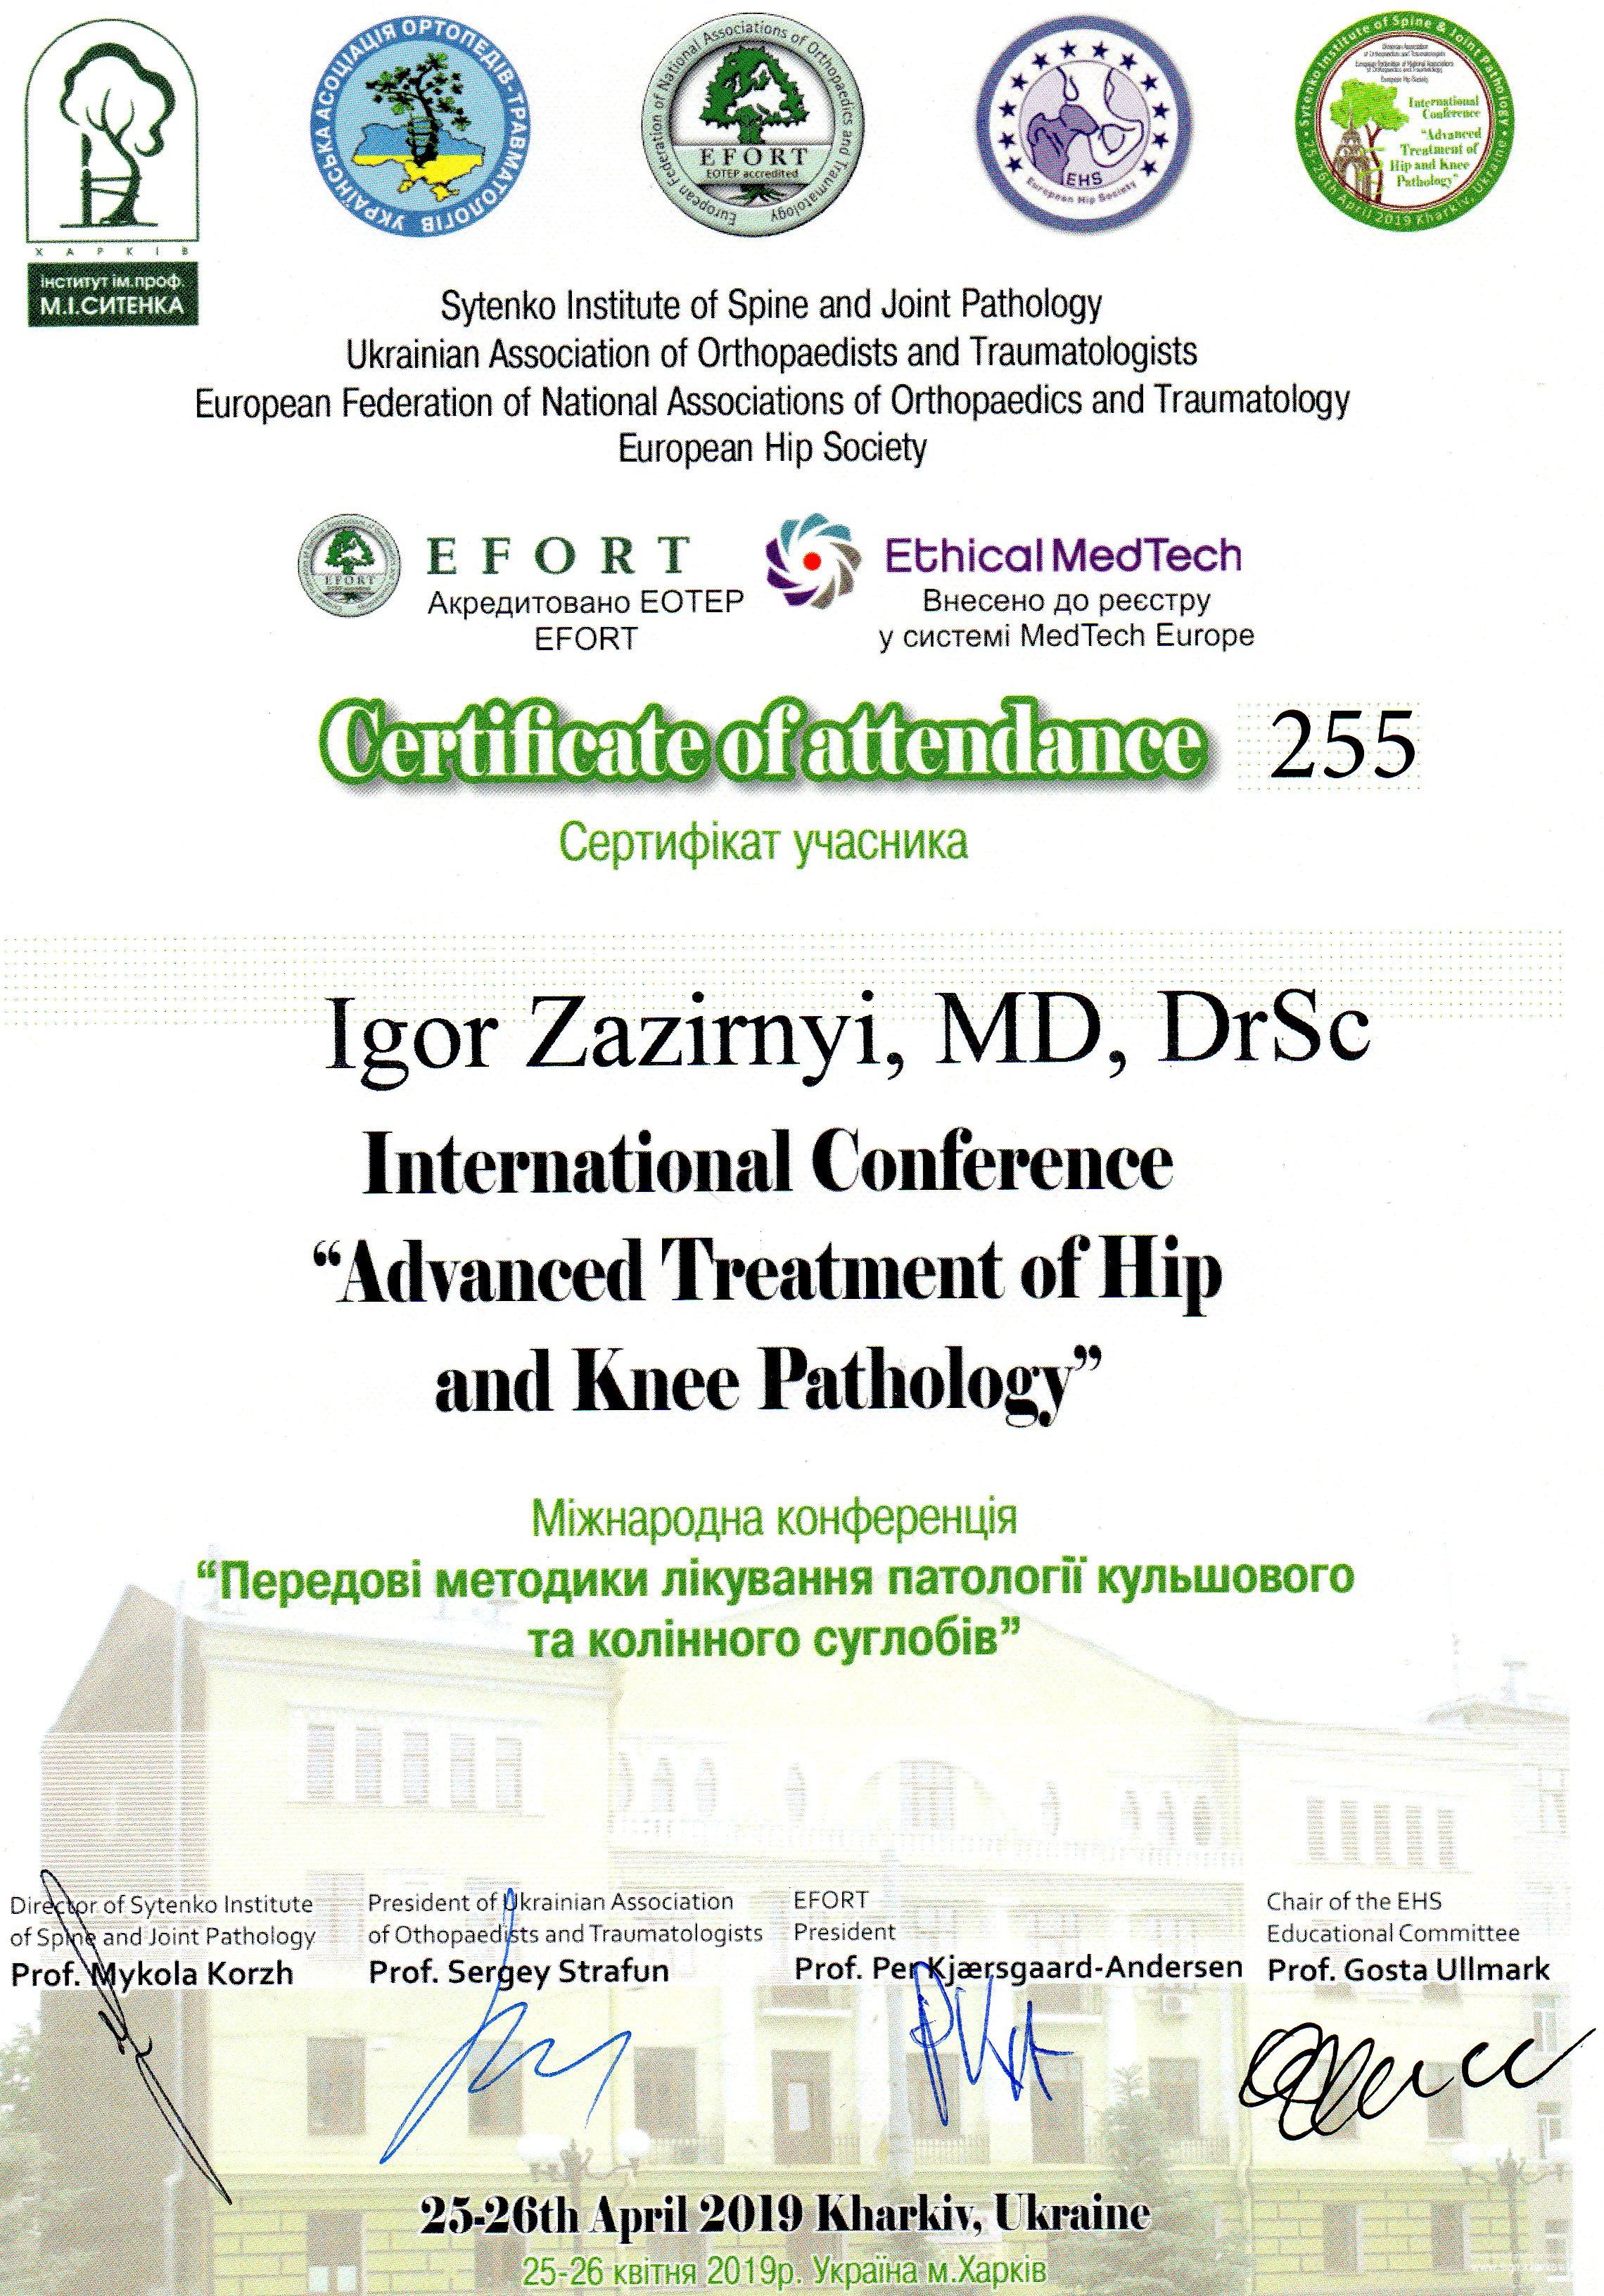 Диплом участника и лектора на конференции ортопедов-травматологов в г.Харькове, апрель 2019